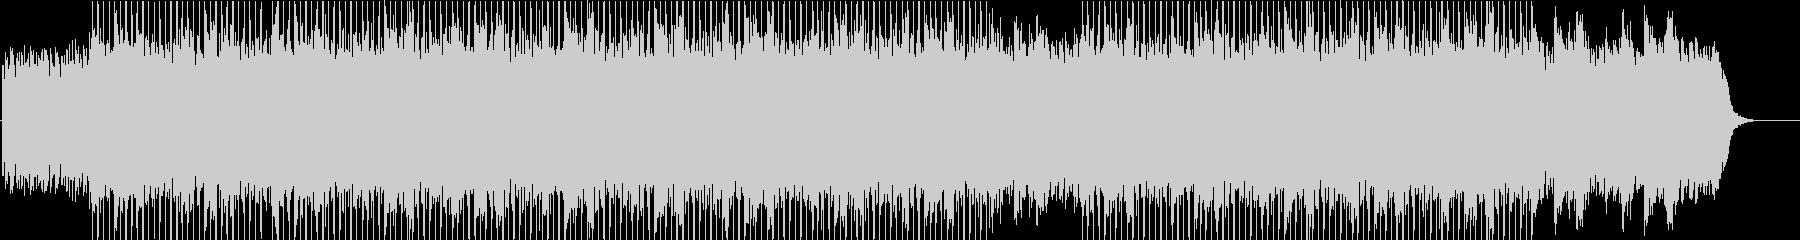 ティーン 現代的 交響曲 アンビエ...の未再生の波形